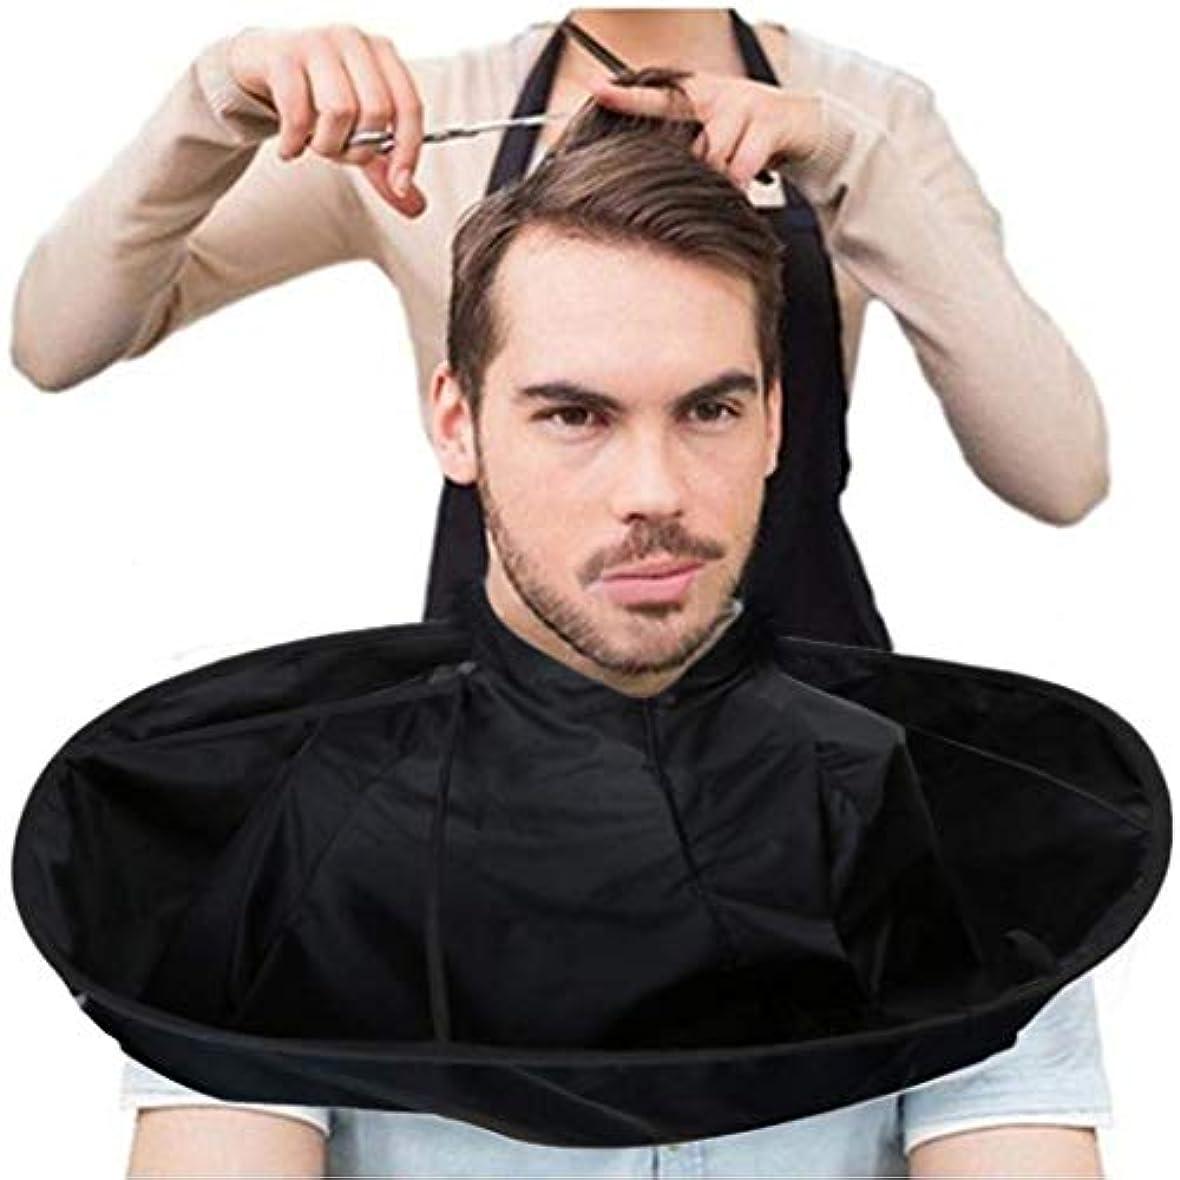 移行シャンパン脳Orient Direct 美容師のための理髪師のマントの練習のヘアカットのよだれかけのヘアカットのエプロン